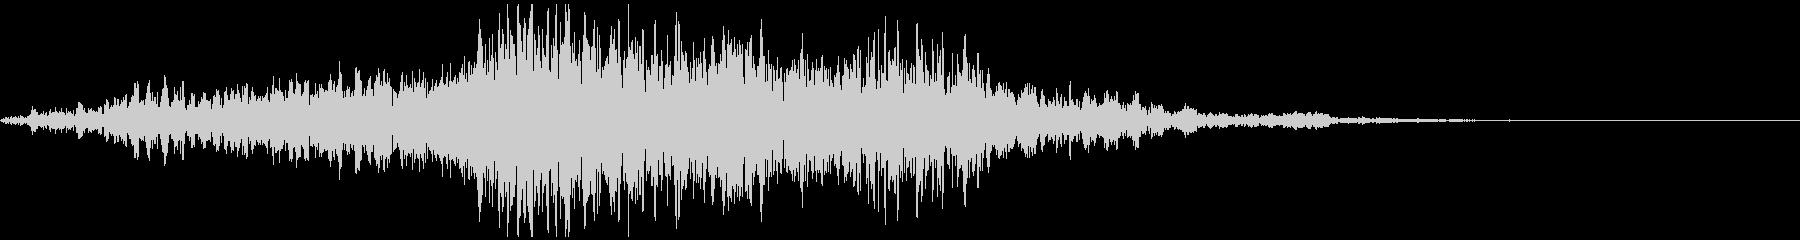 ぞわぞわするようなホラー的な効果音の未再生の波形